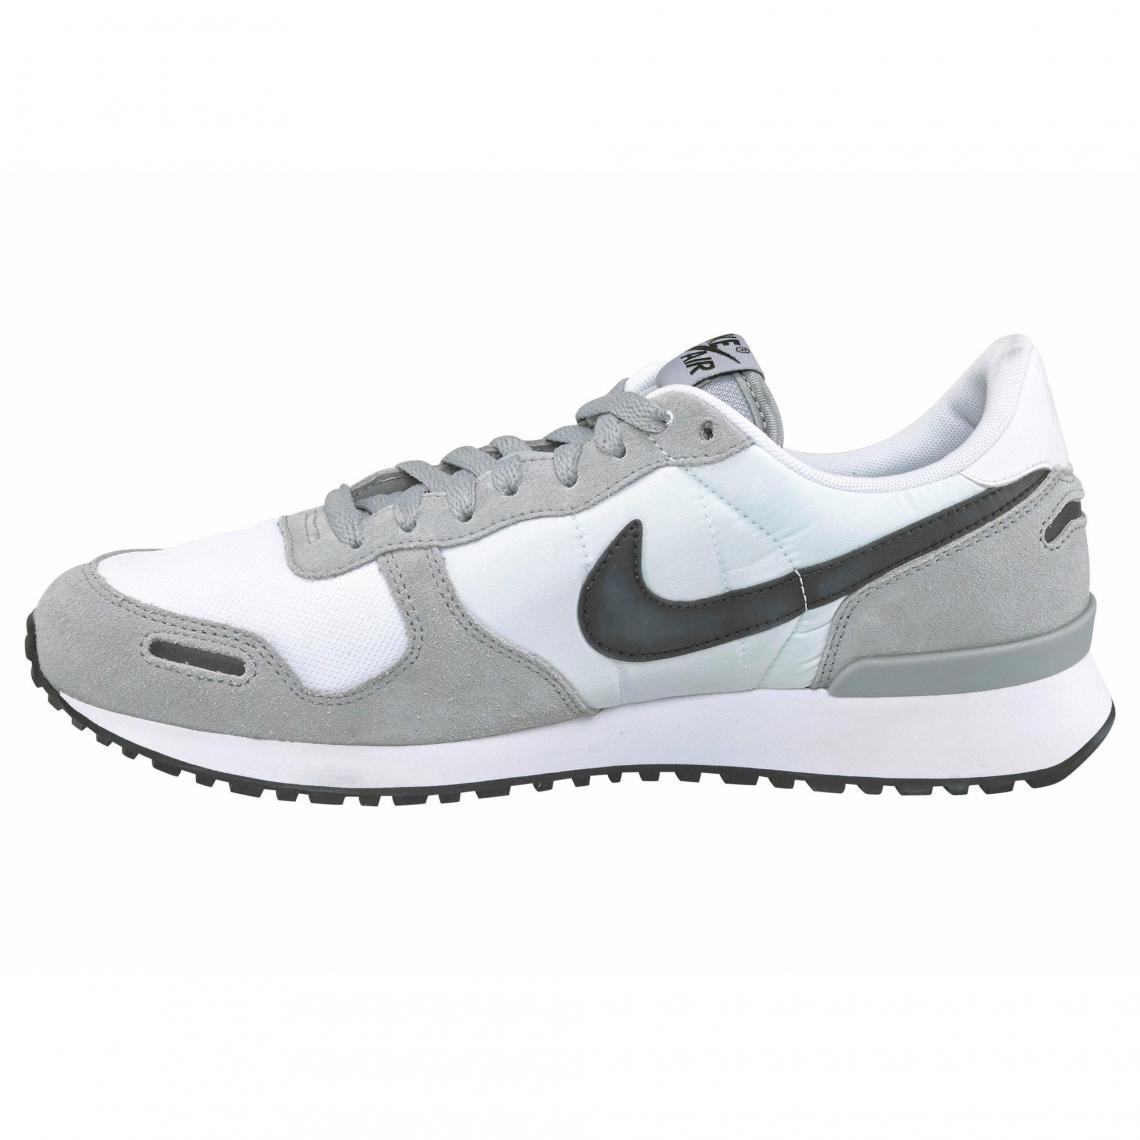 check out 76d41 0eb18 Toutes les chaussures Nike Cliquez l image pour l agrandir. Chaussures de sport  homme Air Vortex ...